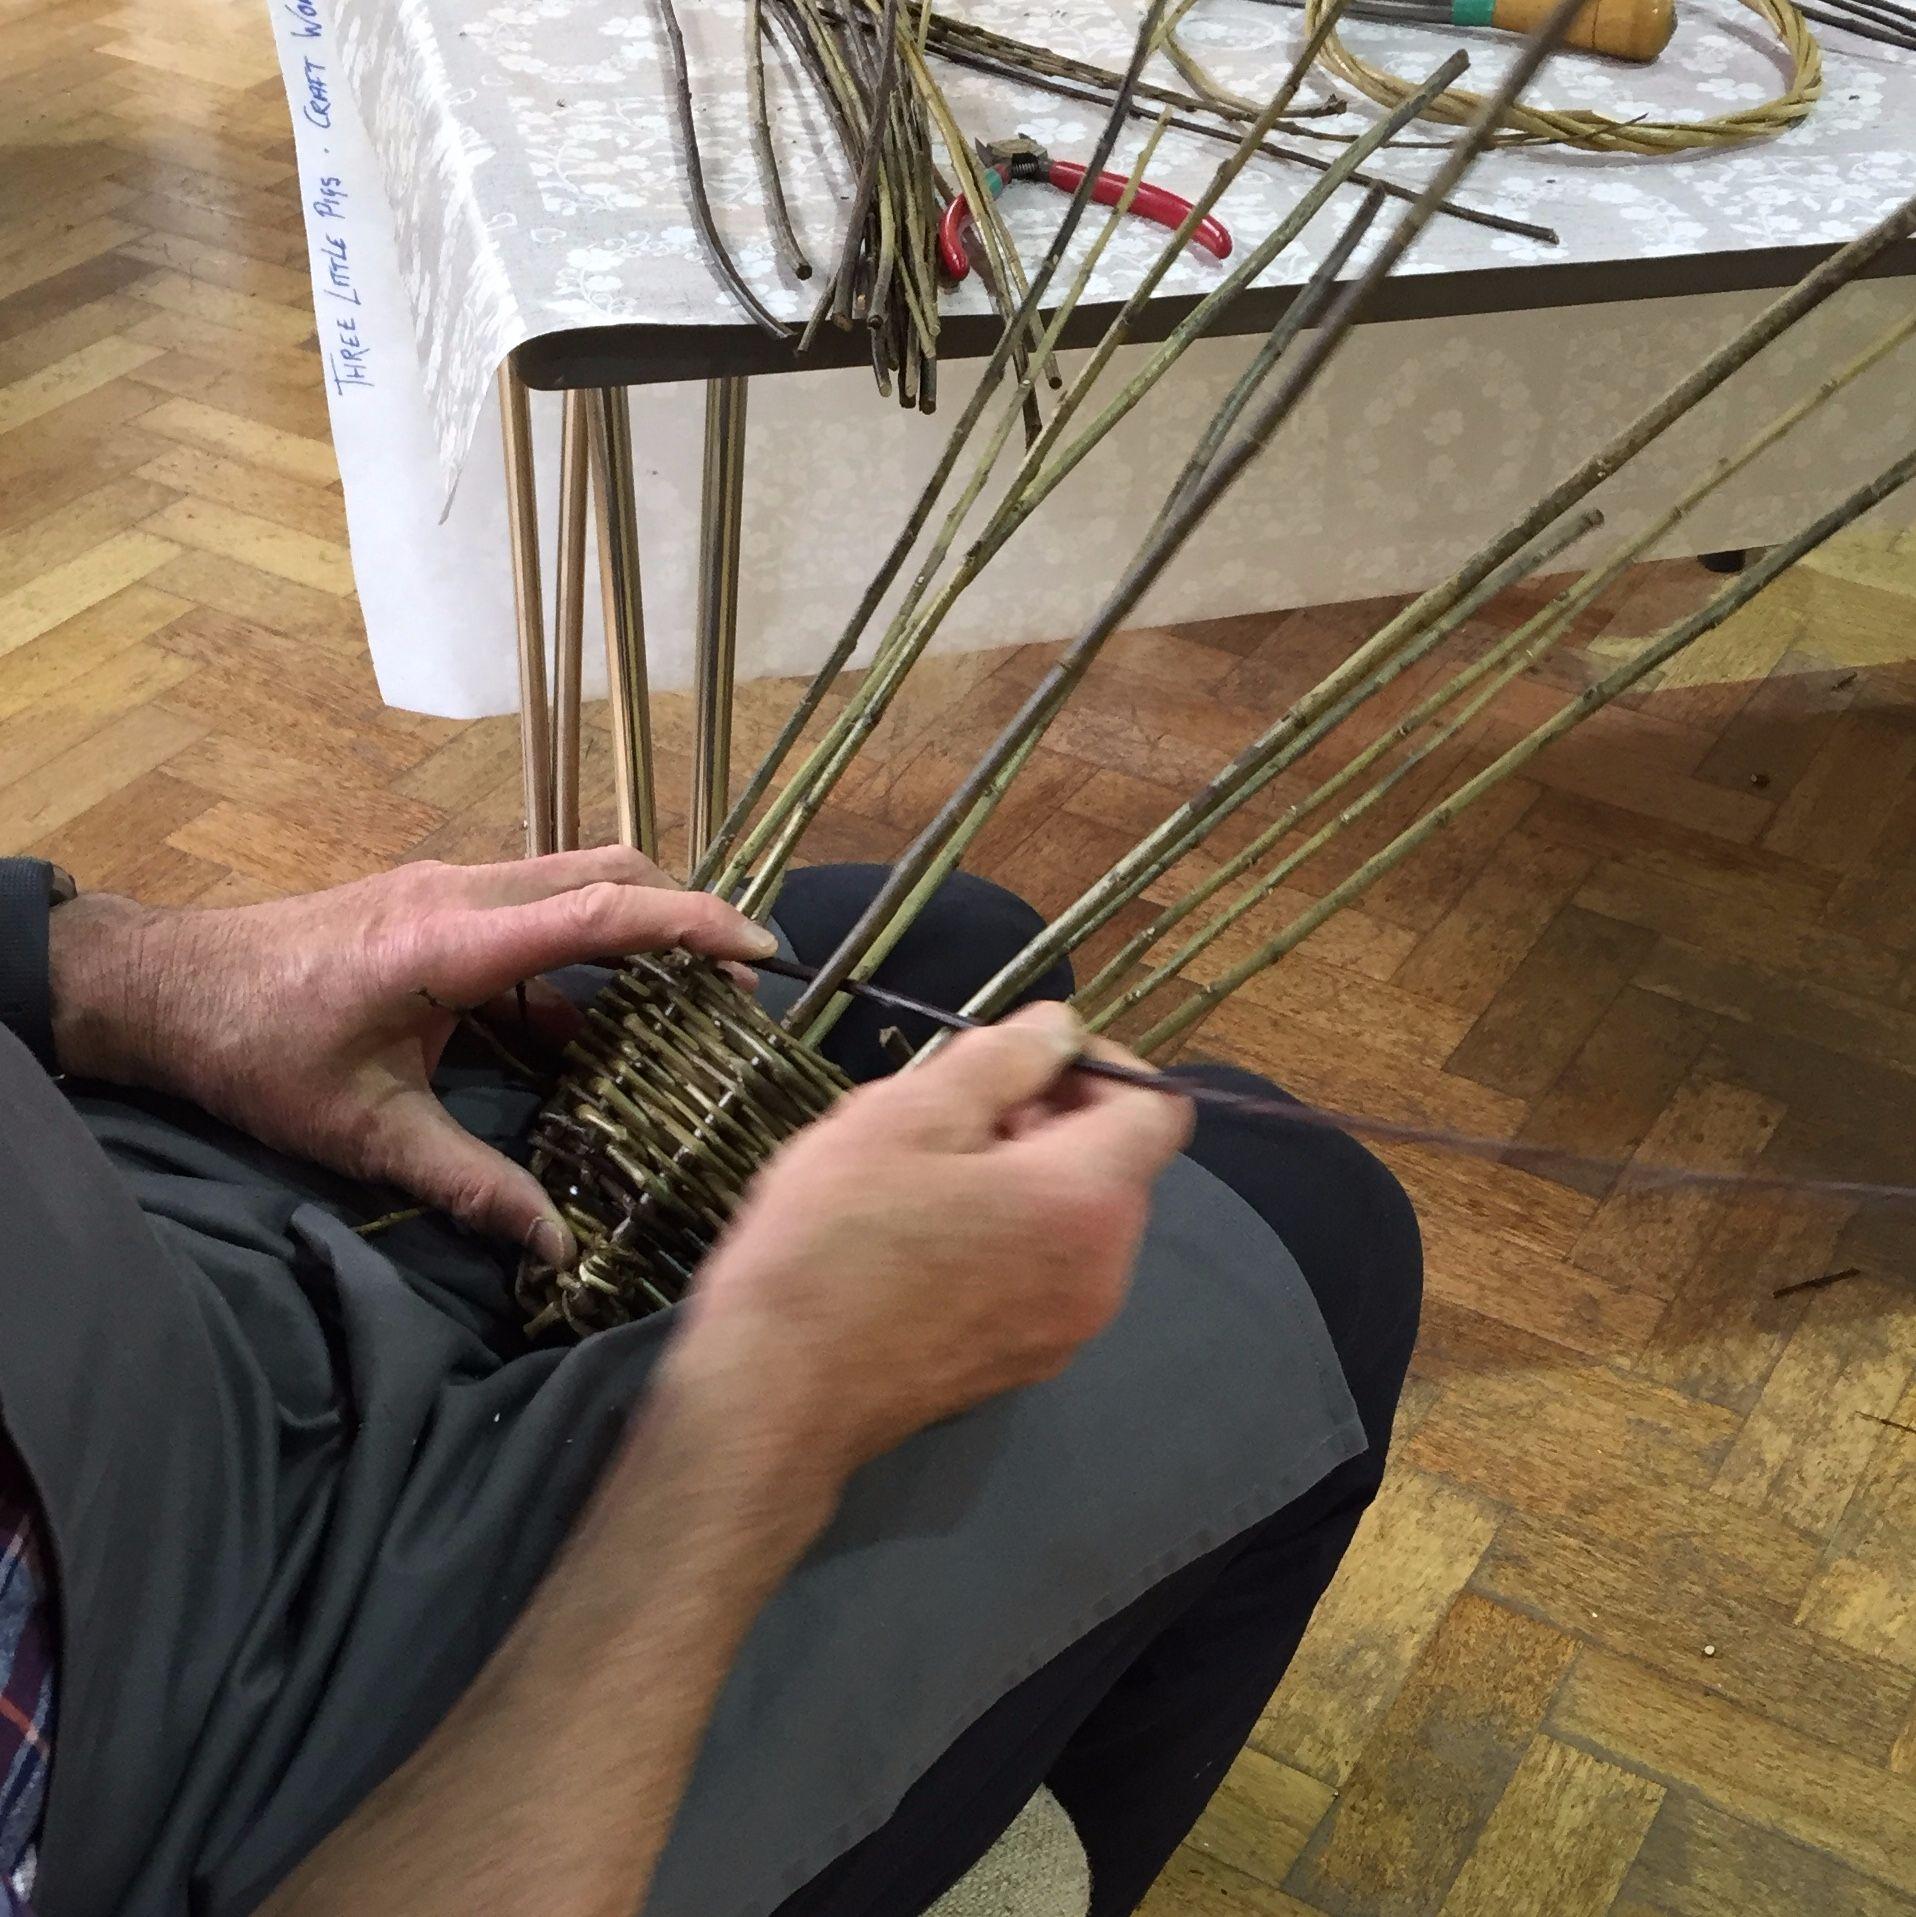 Basket Making Workshop: Platter and Herb Basket - Weaving